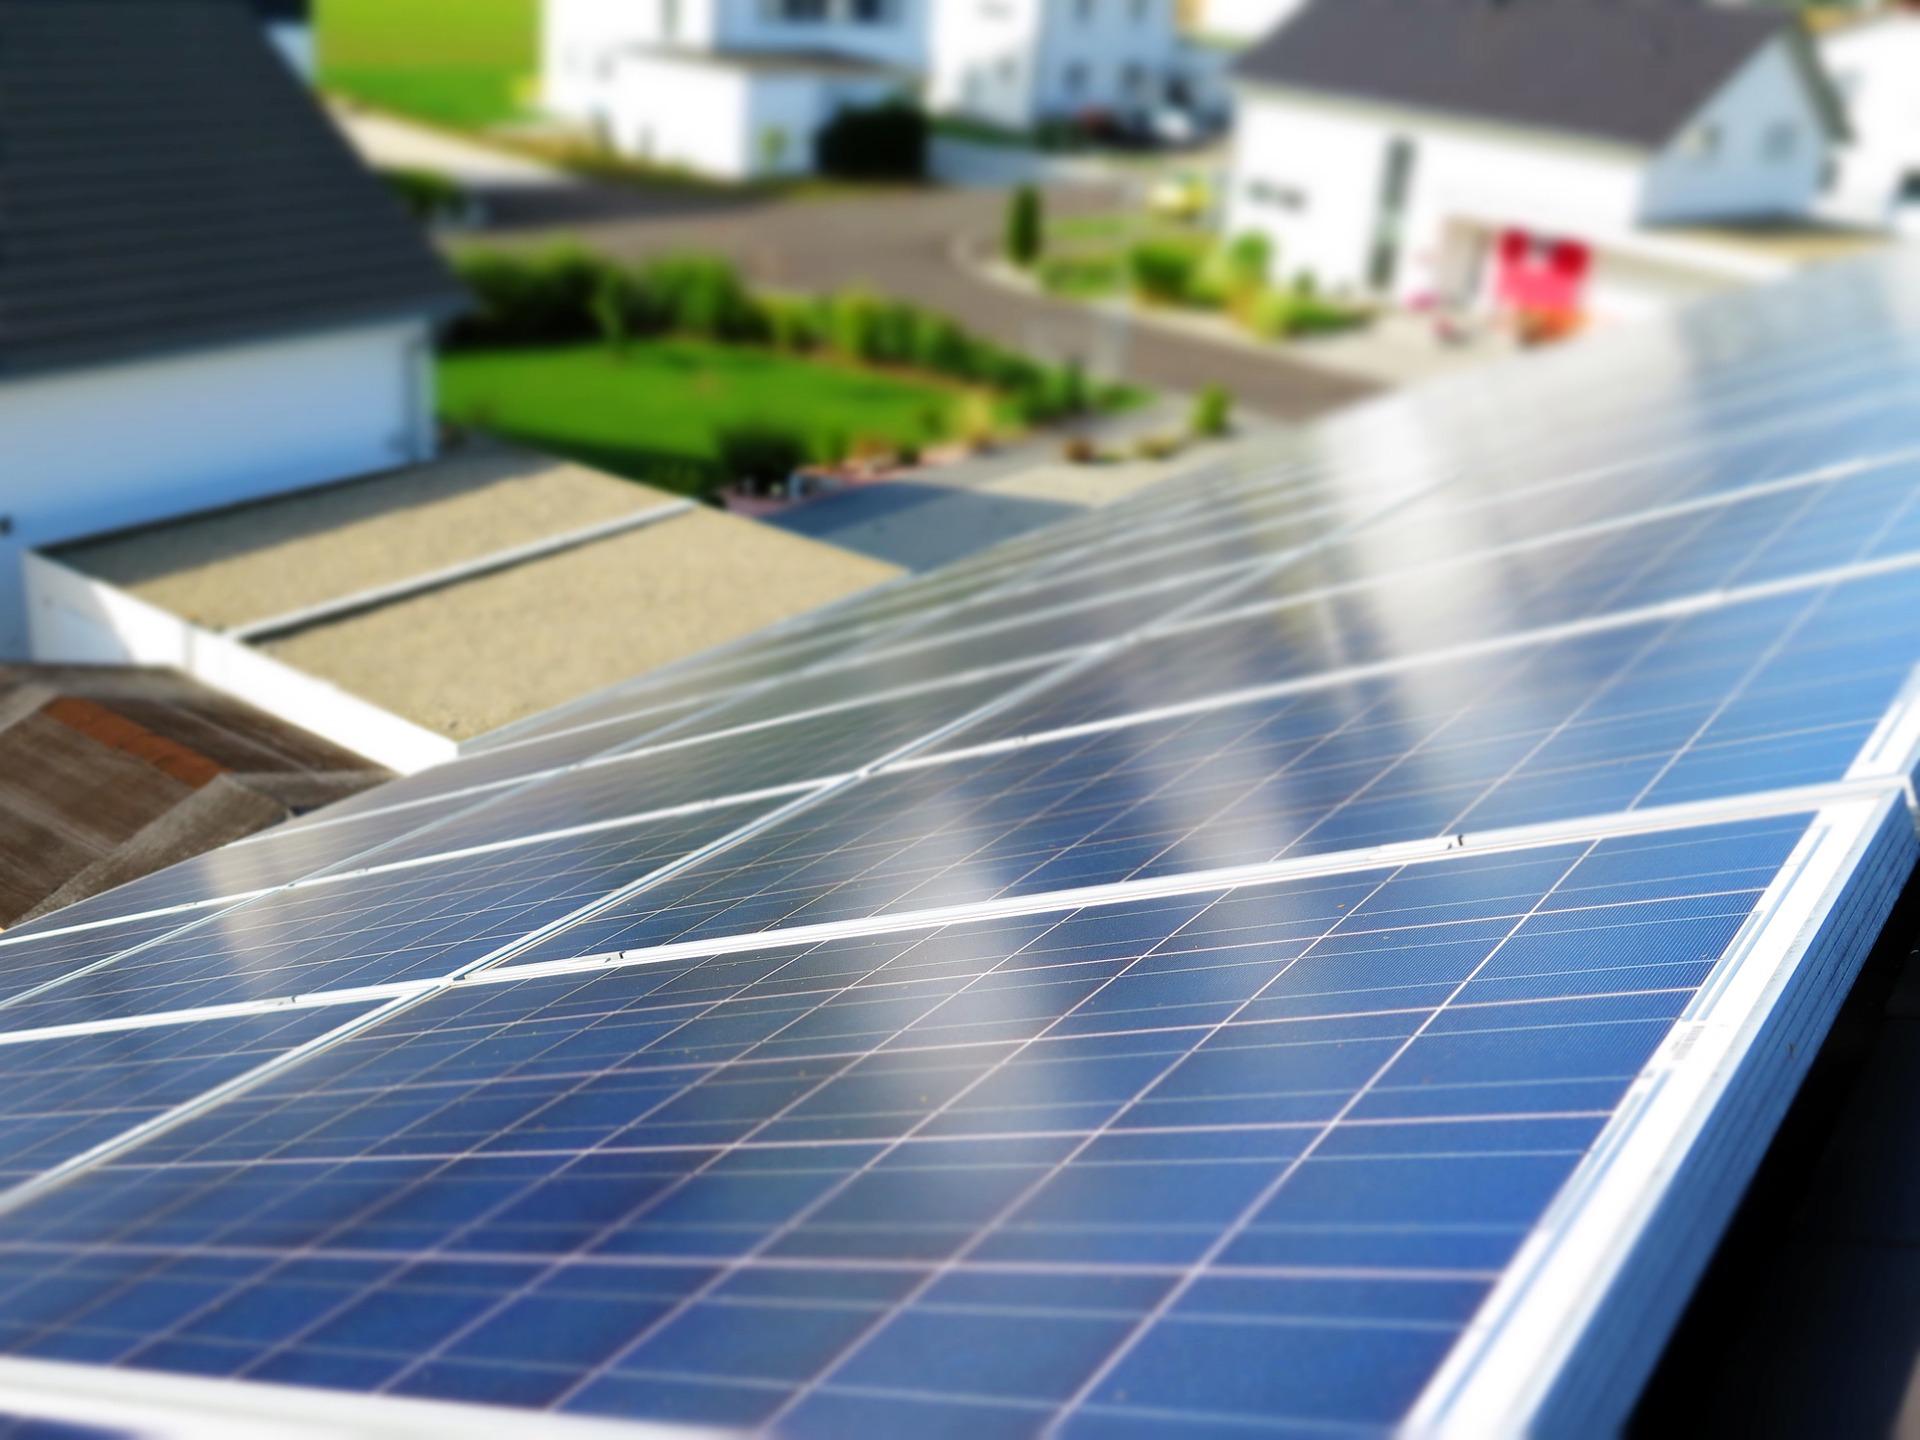 Festsetzung von PV-/Solar-Anlagen und Zisternen in neuen Bebauungsplänen